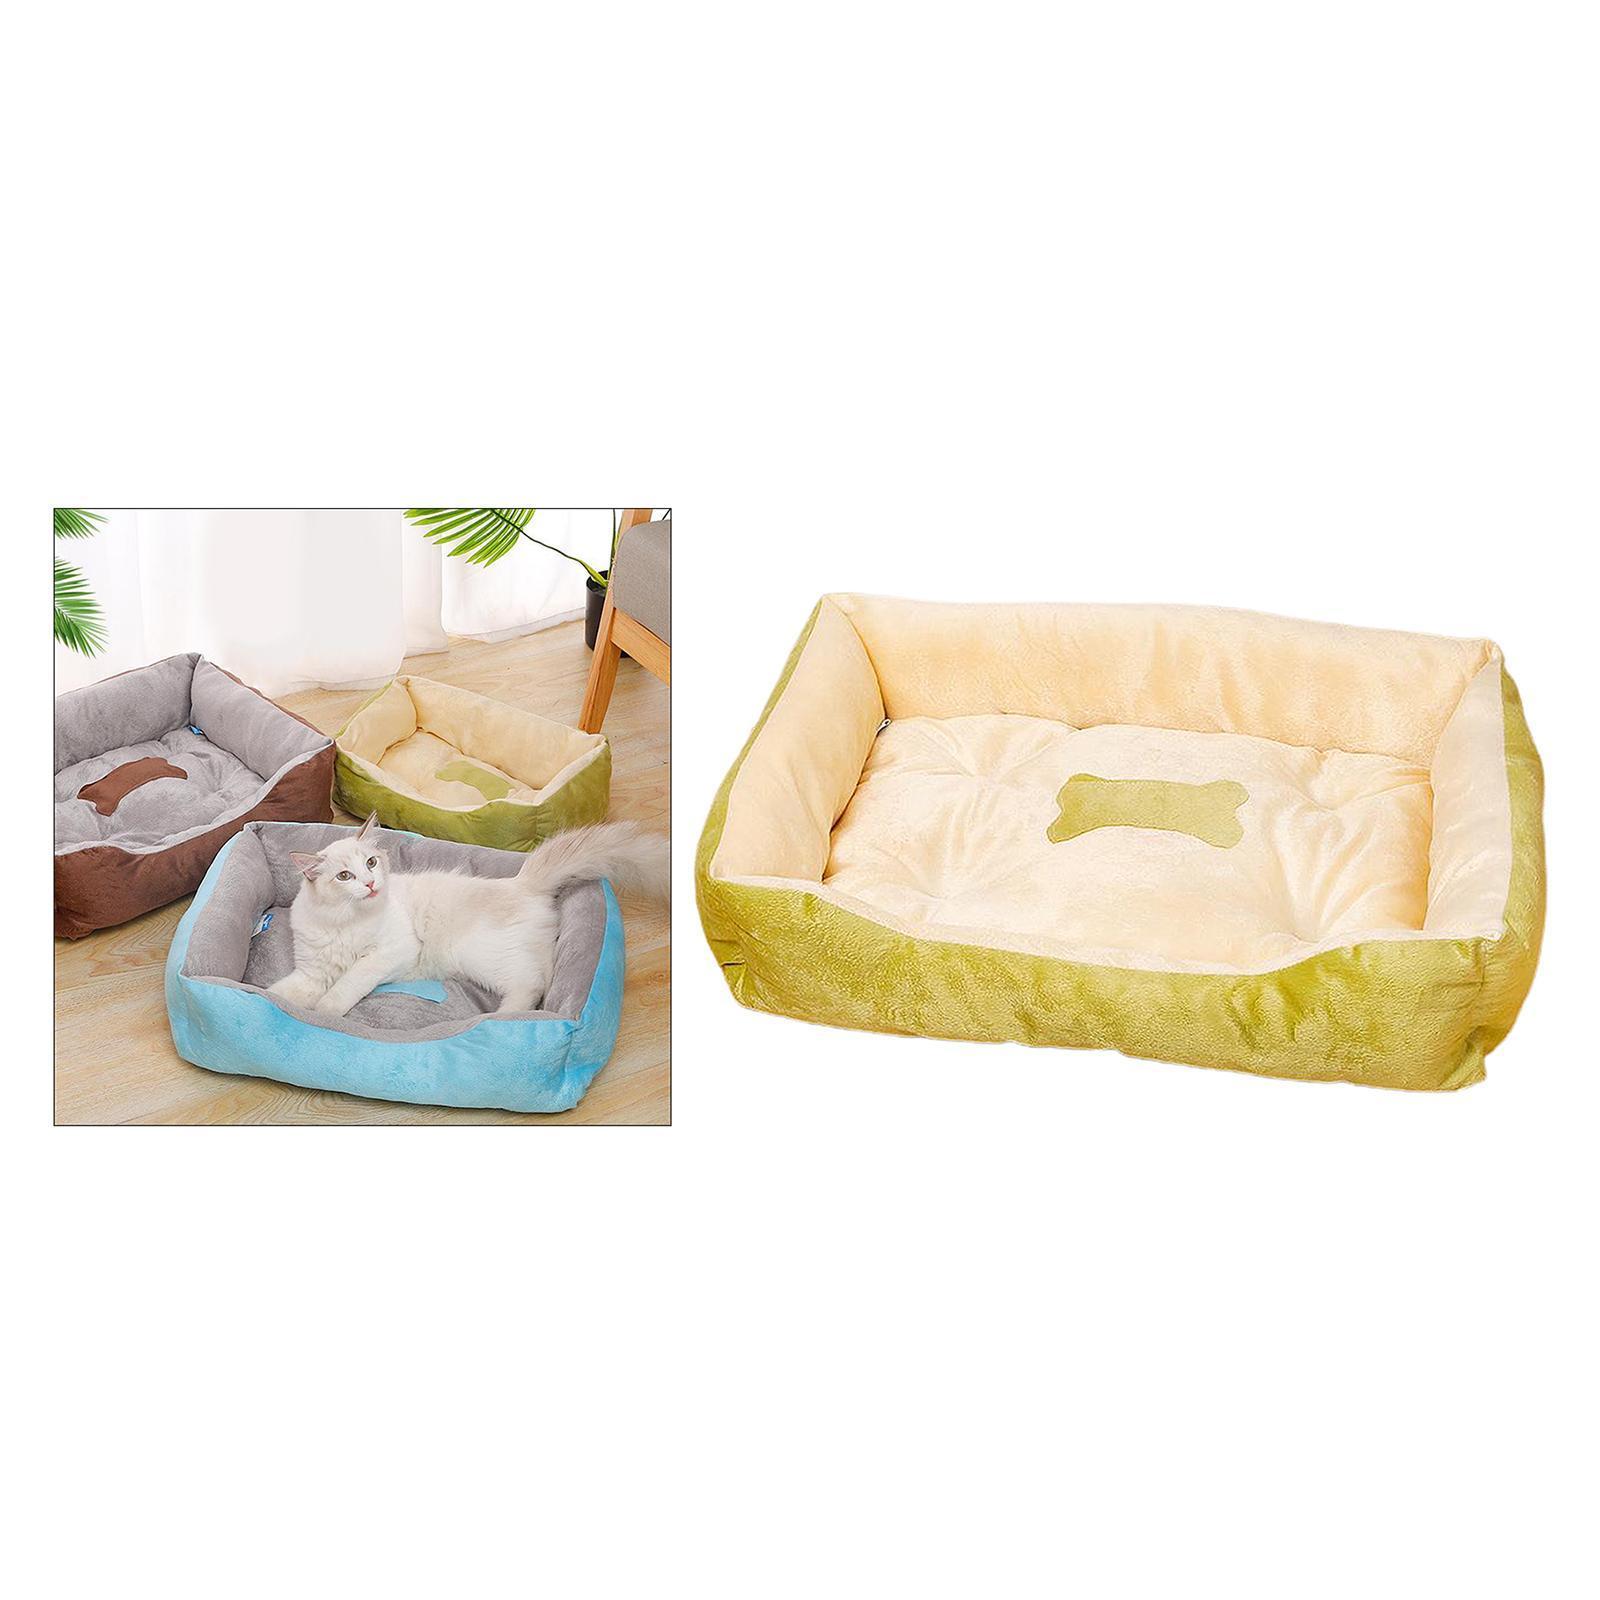 Indexbild 18 - Katze-Hund-Bett-Pet-Kissen-Betten-Haus-Schlaf-Soft-Warmen-Zwinger-Decke-Nest